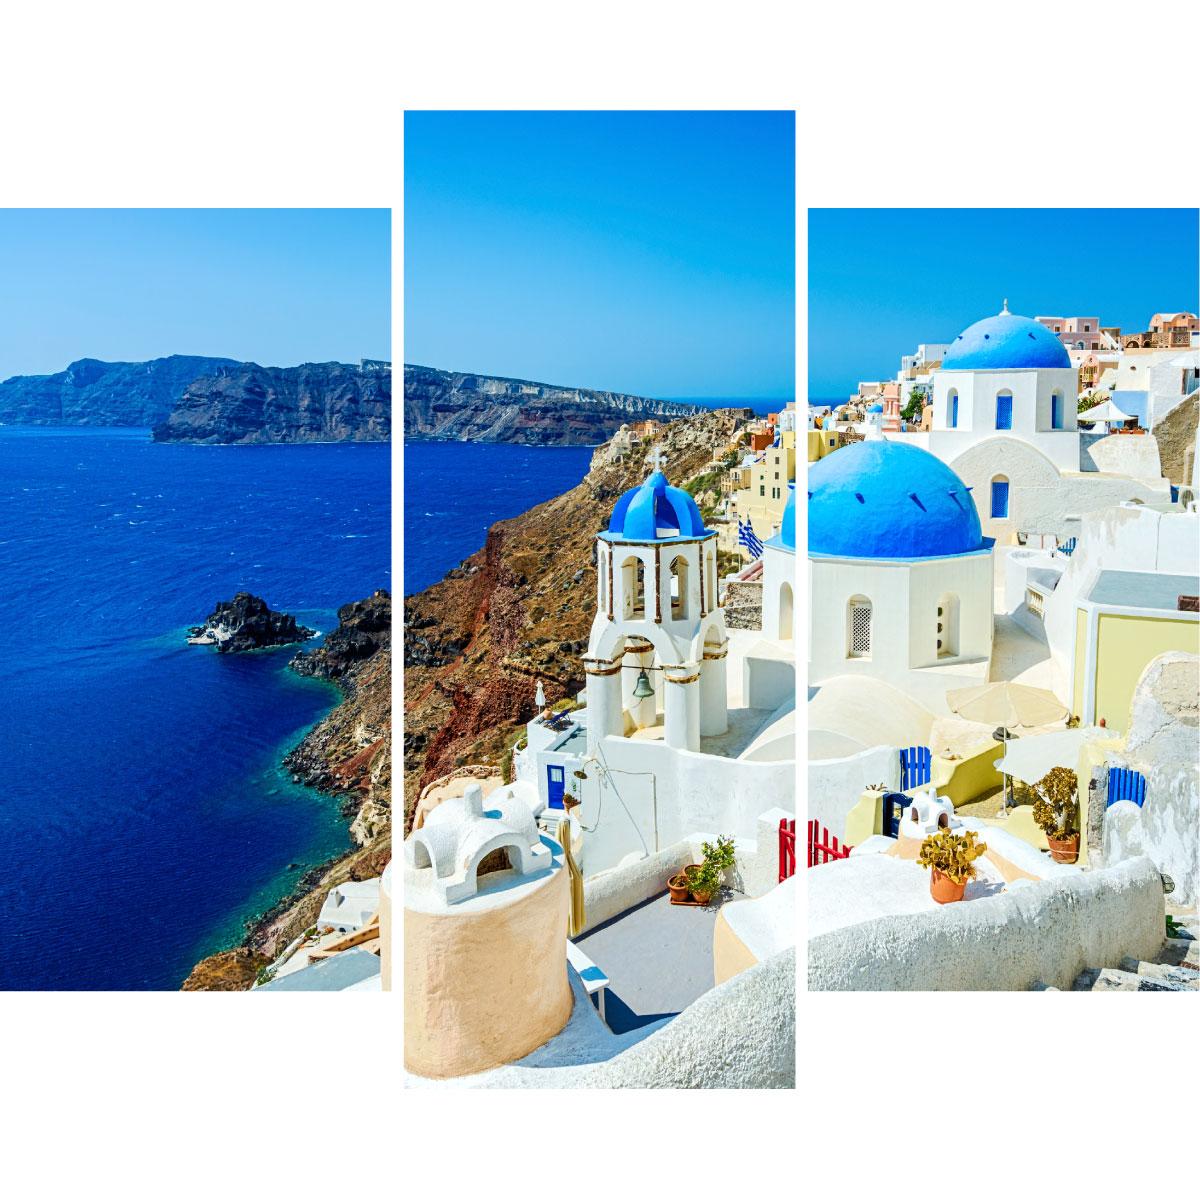 sticker paysage d une ville grecque au bord de la mer stickers art et design ambiance sticker. Black Bedroom Furniture Sets. Home Design Ideas